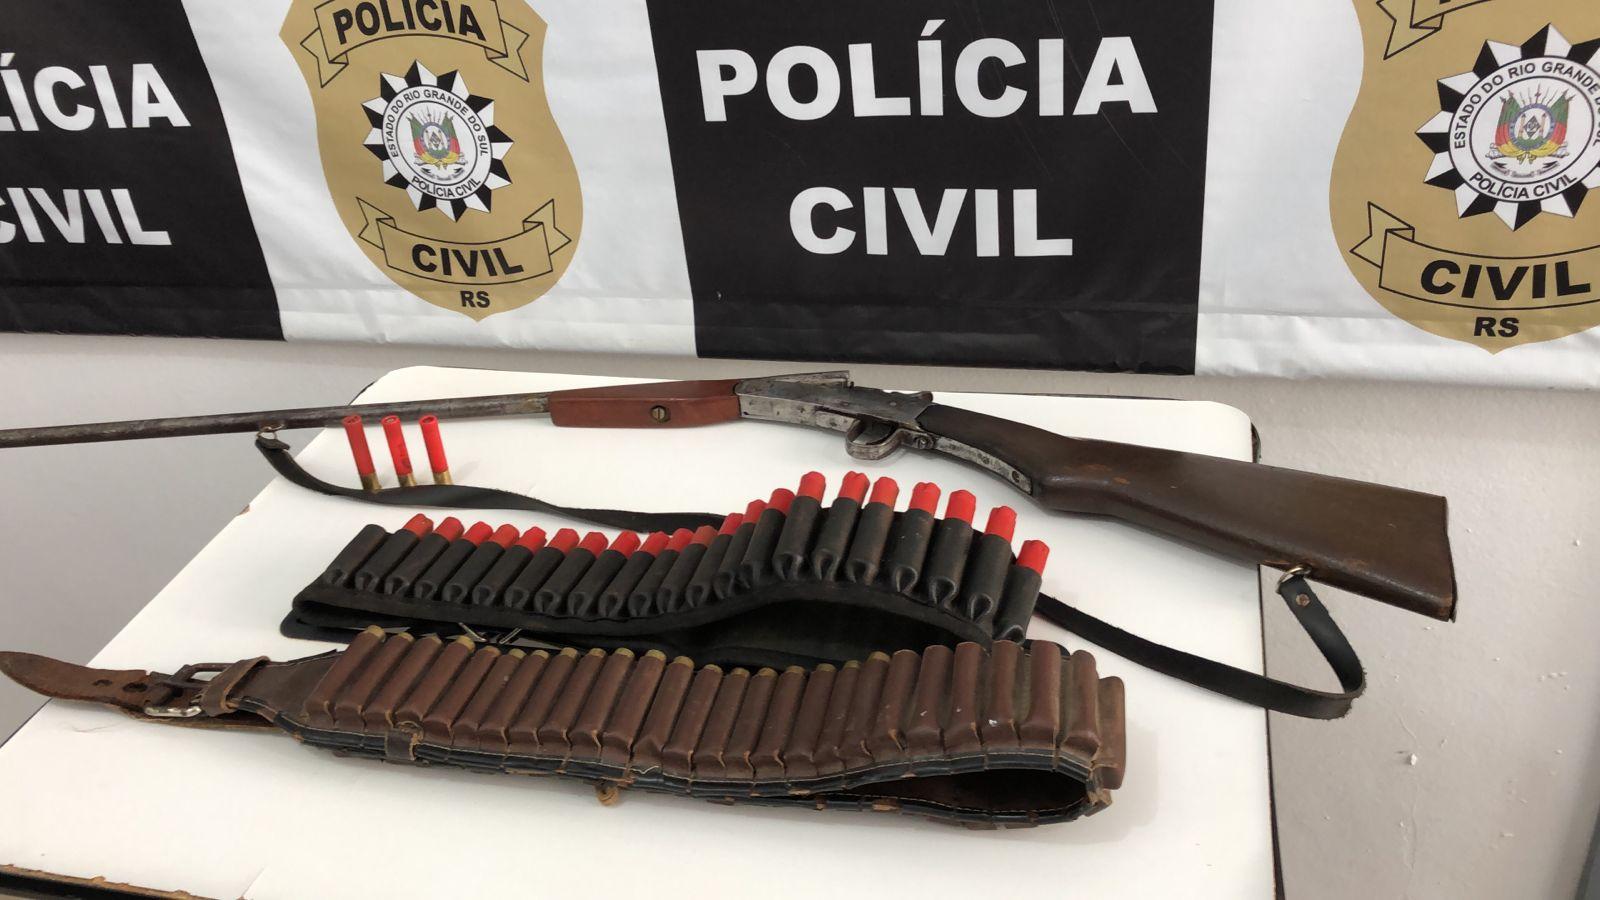 Polícia de Ibirubá prende homem em flagrante por posse ilegal de arma de fogo restrita